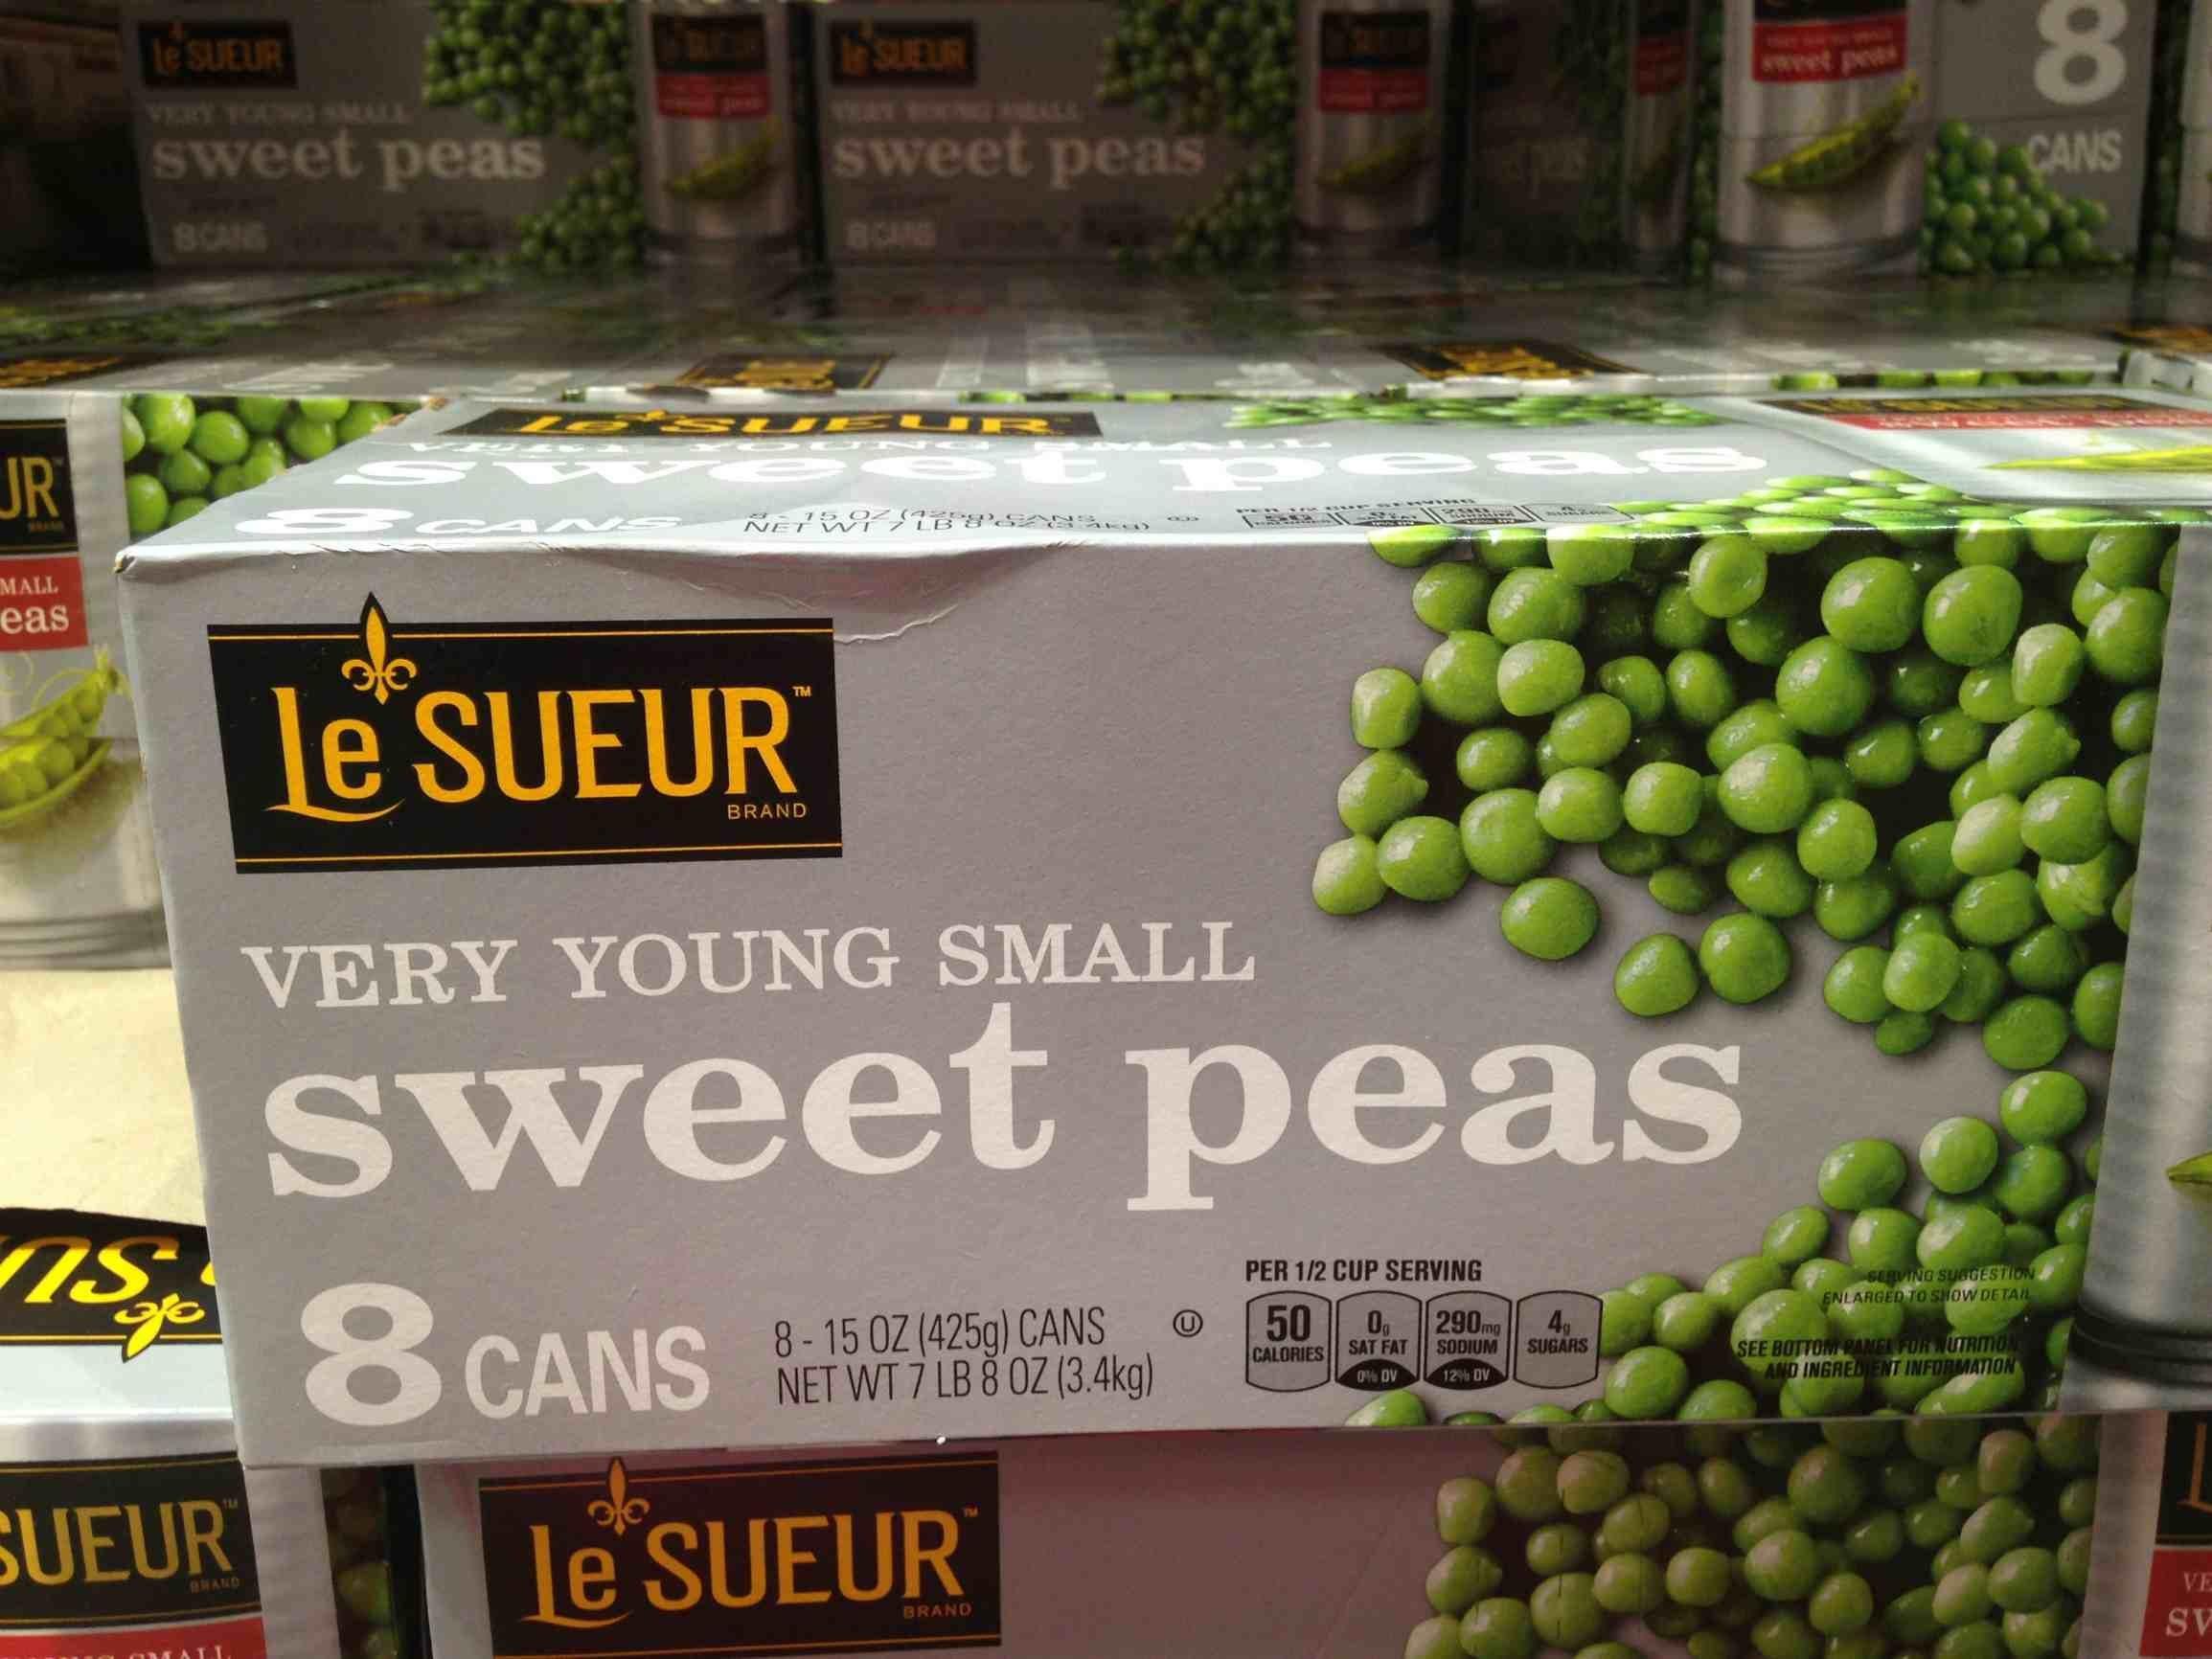 Le sueur sweet peas 8/15 oz (pack of 6)